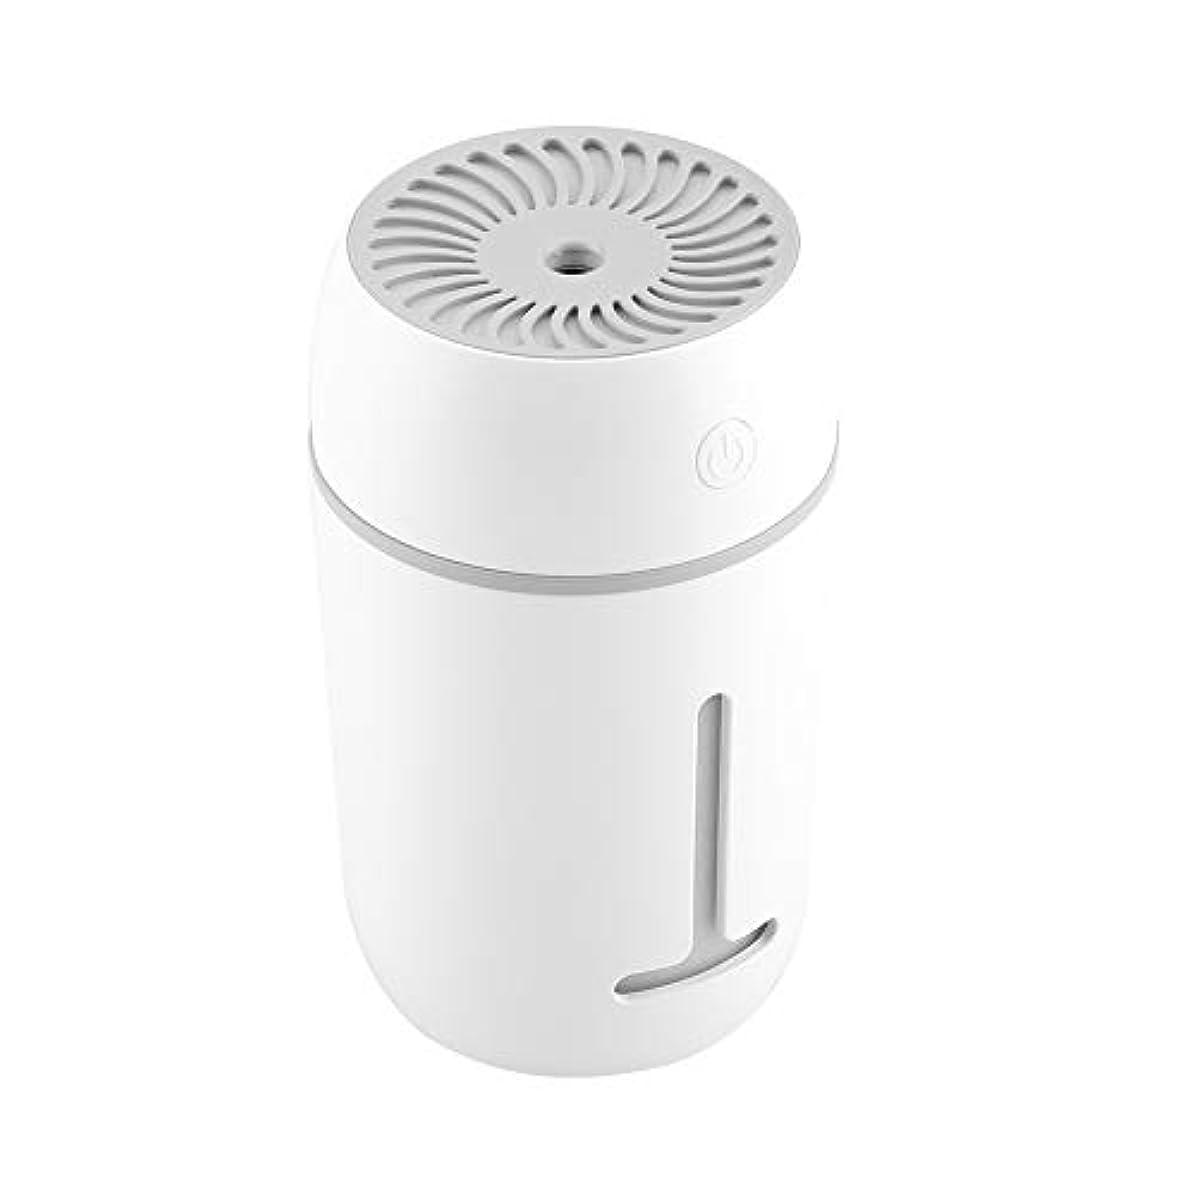 地区地味な正義携帯用加湿器、車のオフィスのためのUSBの再充電可能な携帯用超音波加湿器の拡散器7色LEDライト